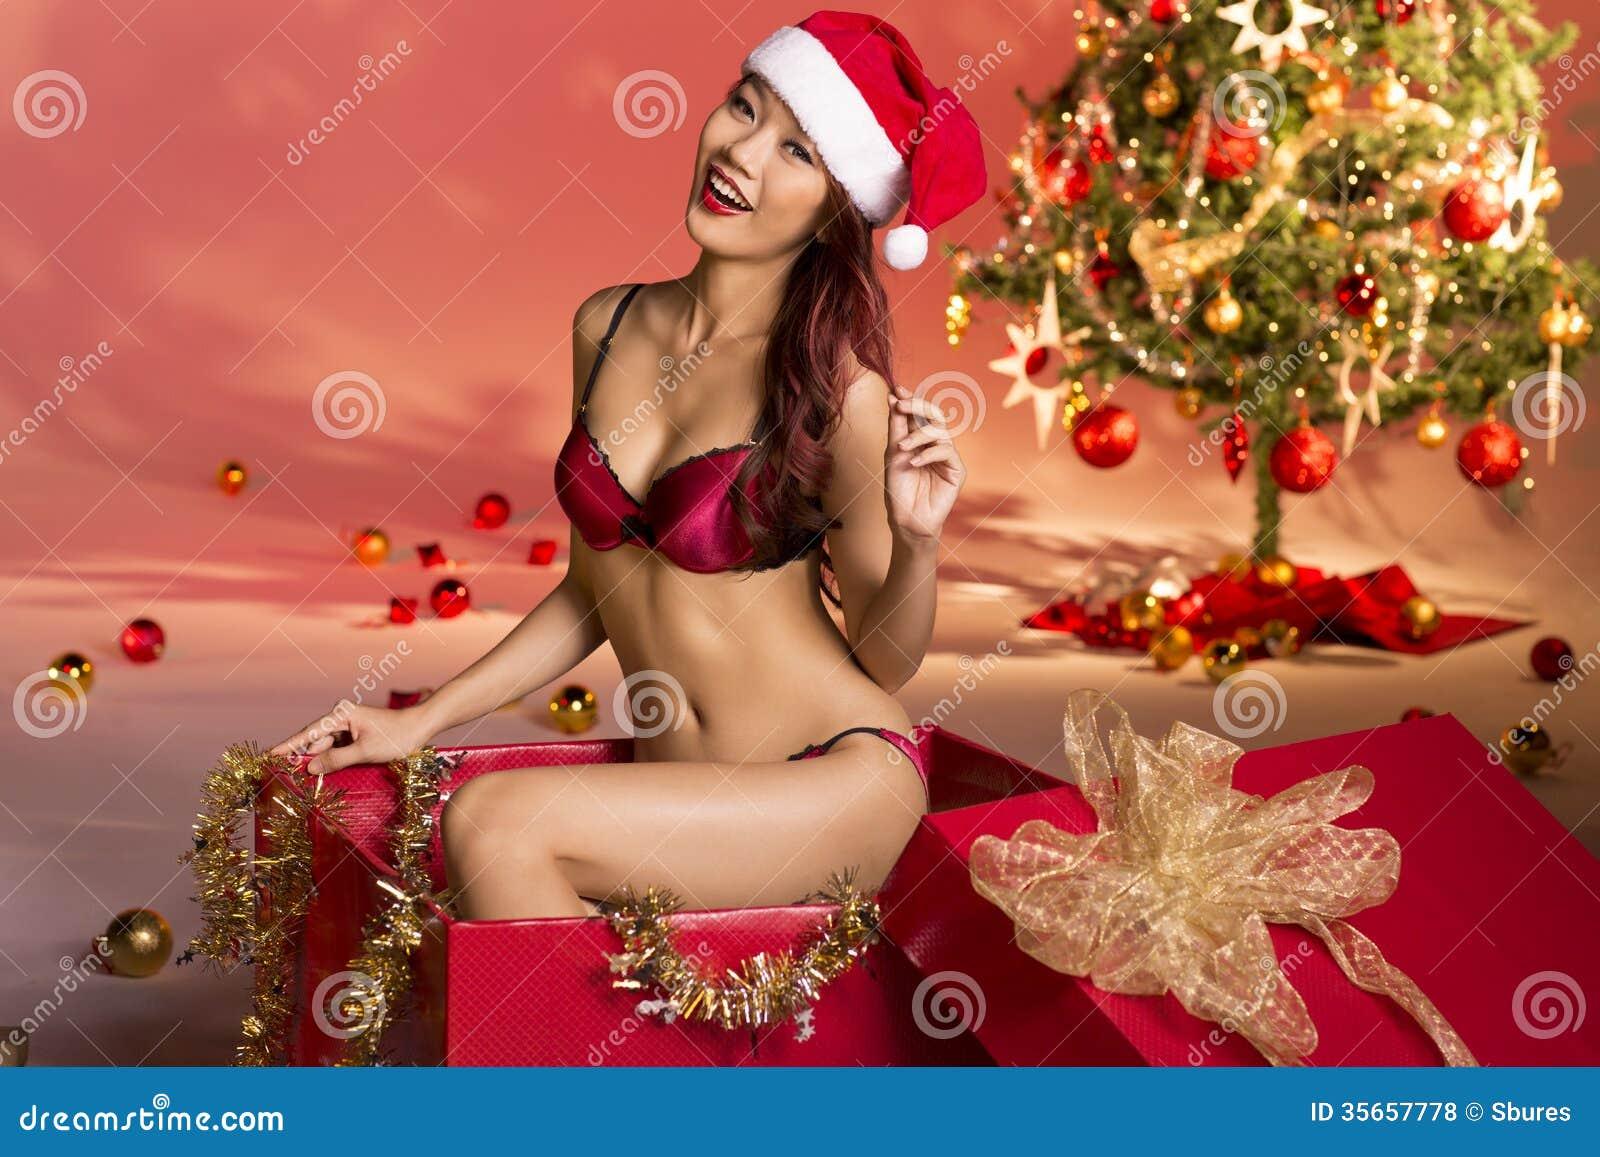 Erotic presents